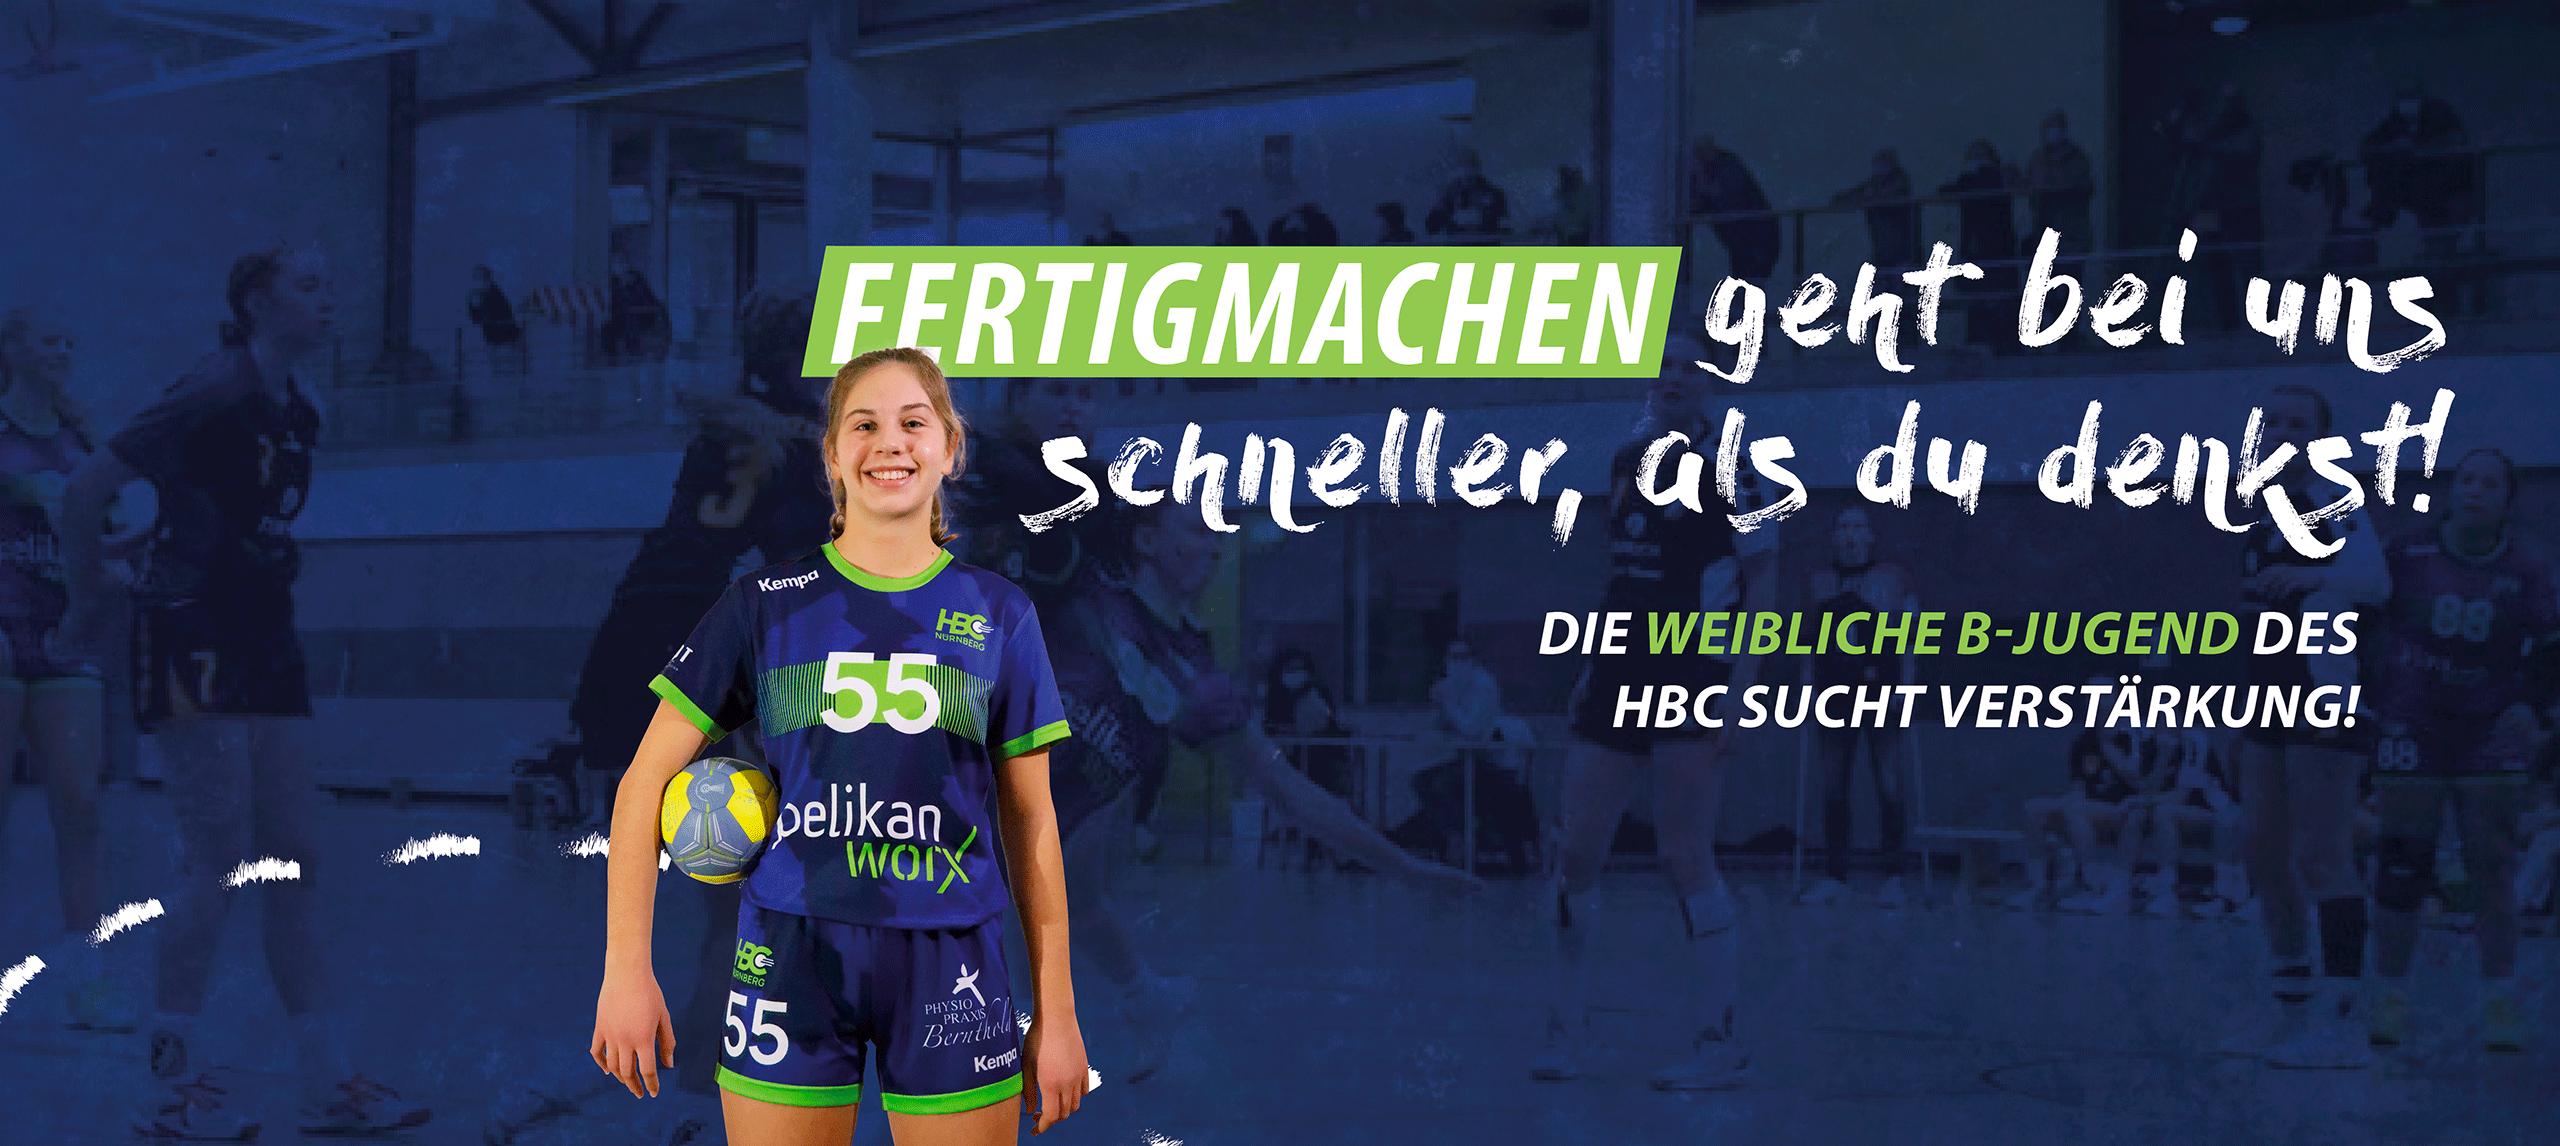 HBC Nürnberg Weibliche Jugend